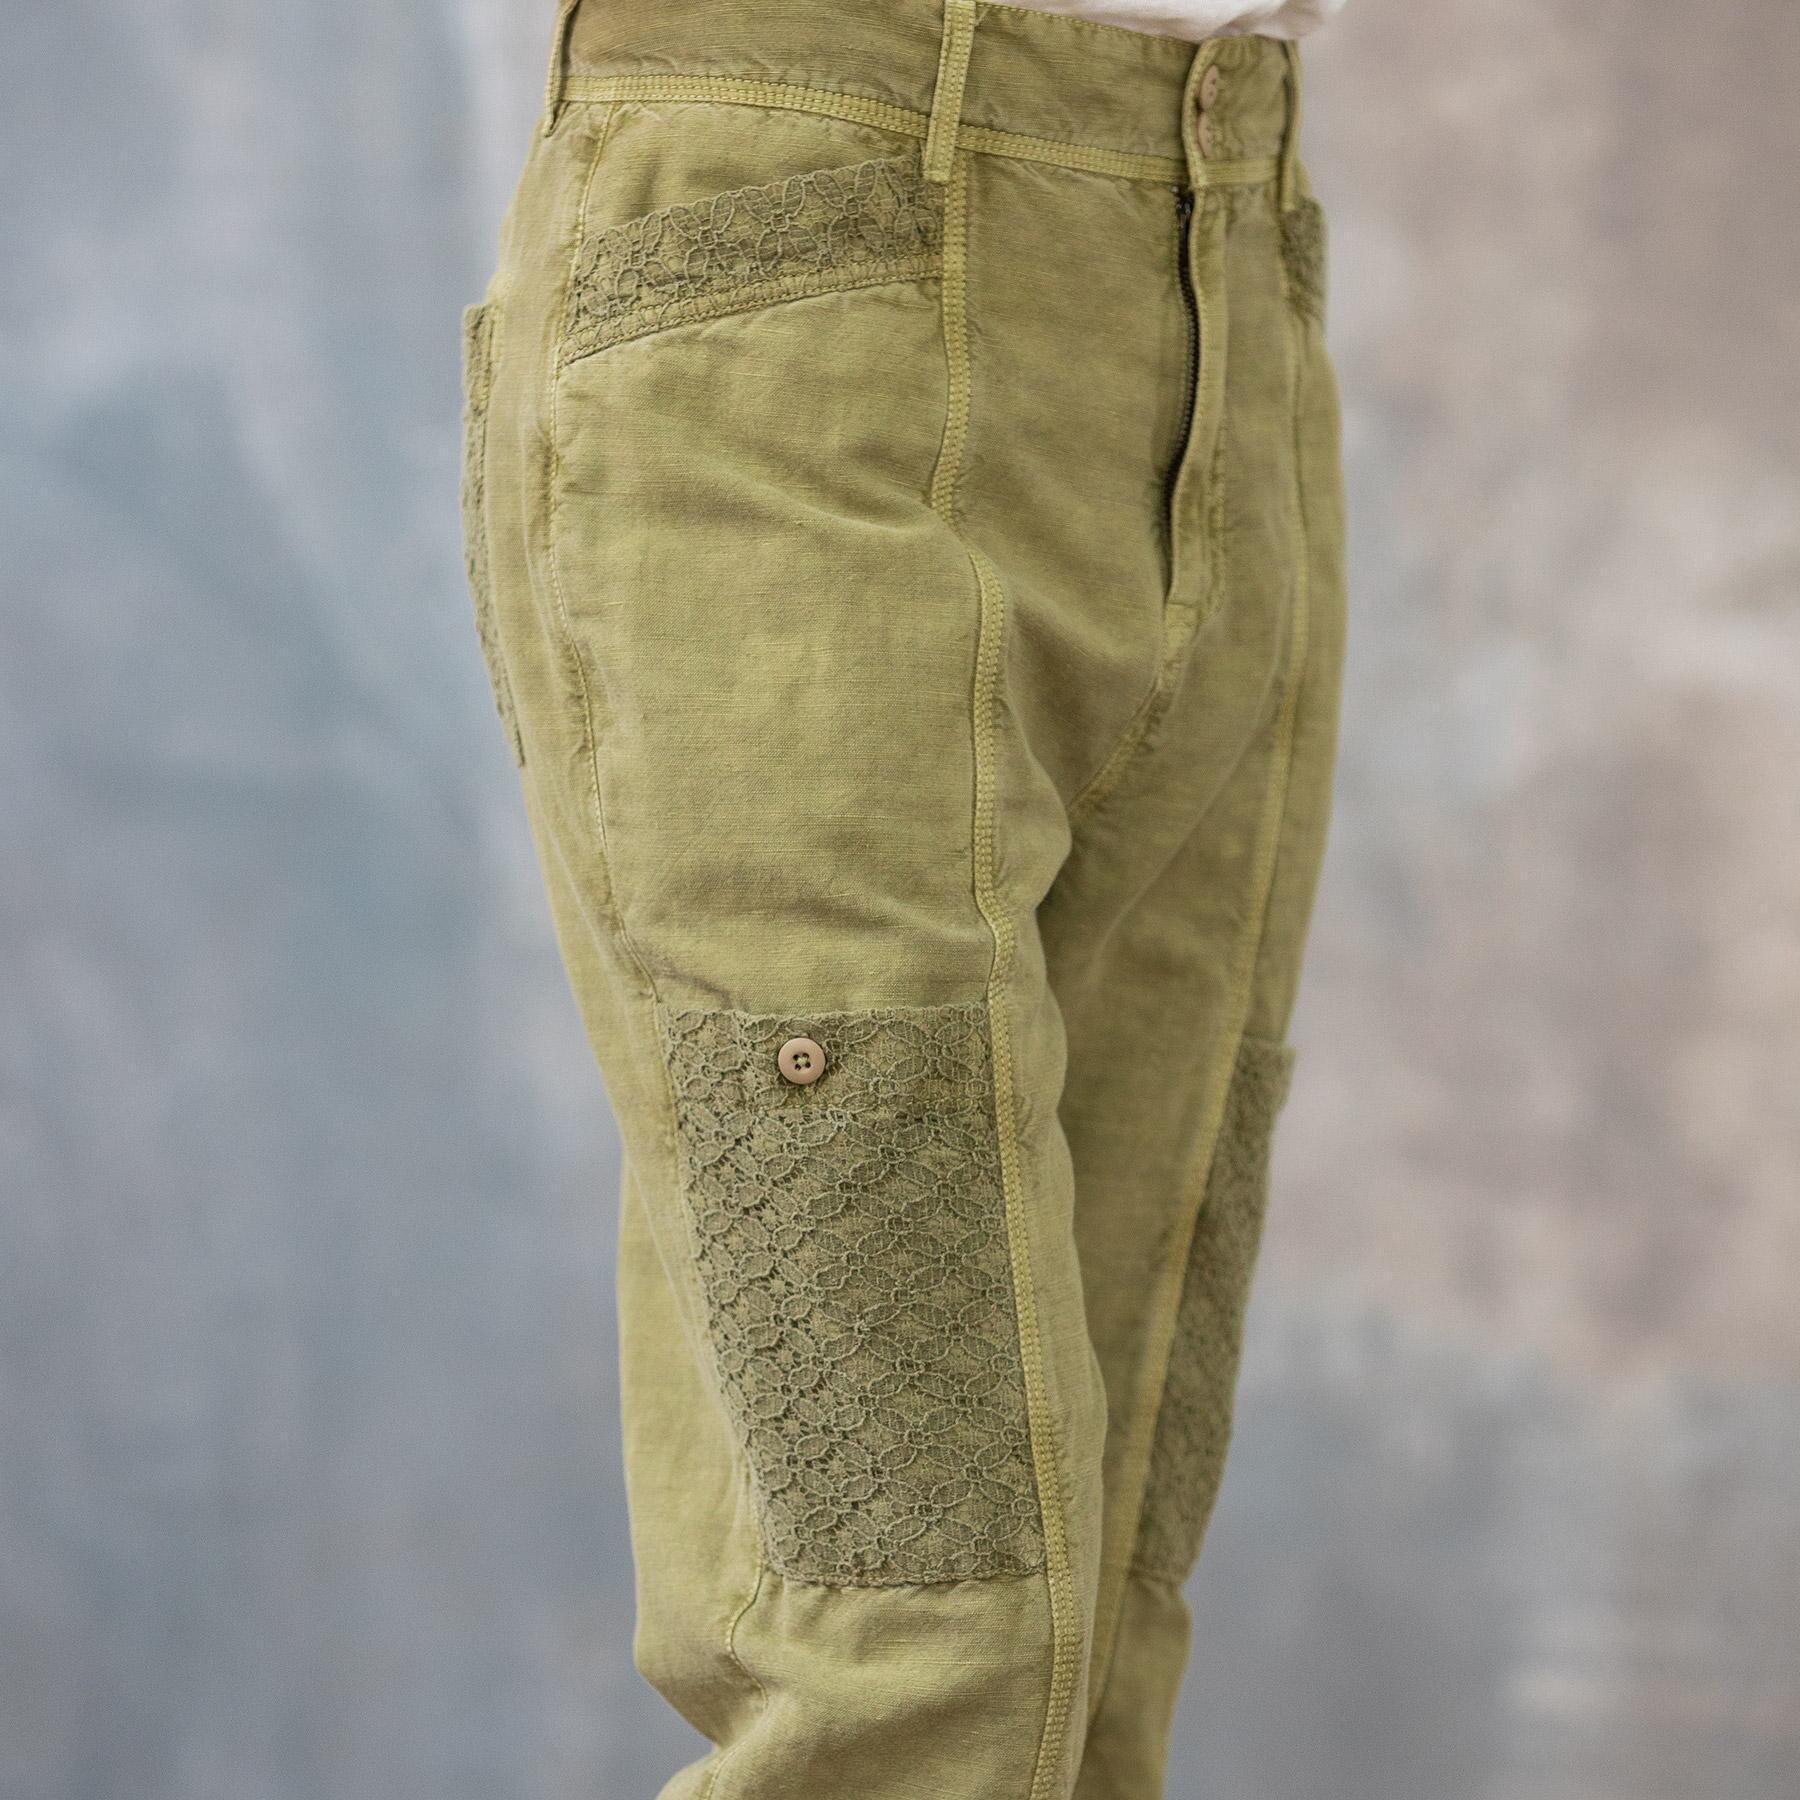 FEMME VOYAGER PANTS - PETITES: View 6